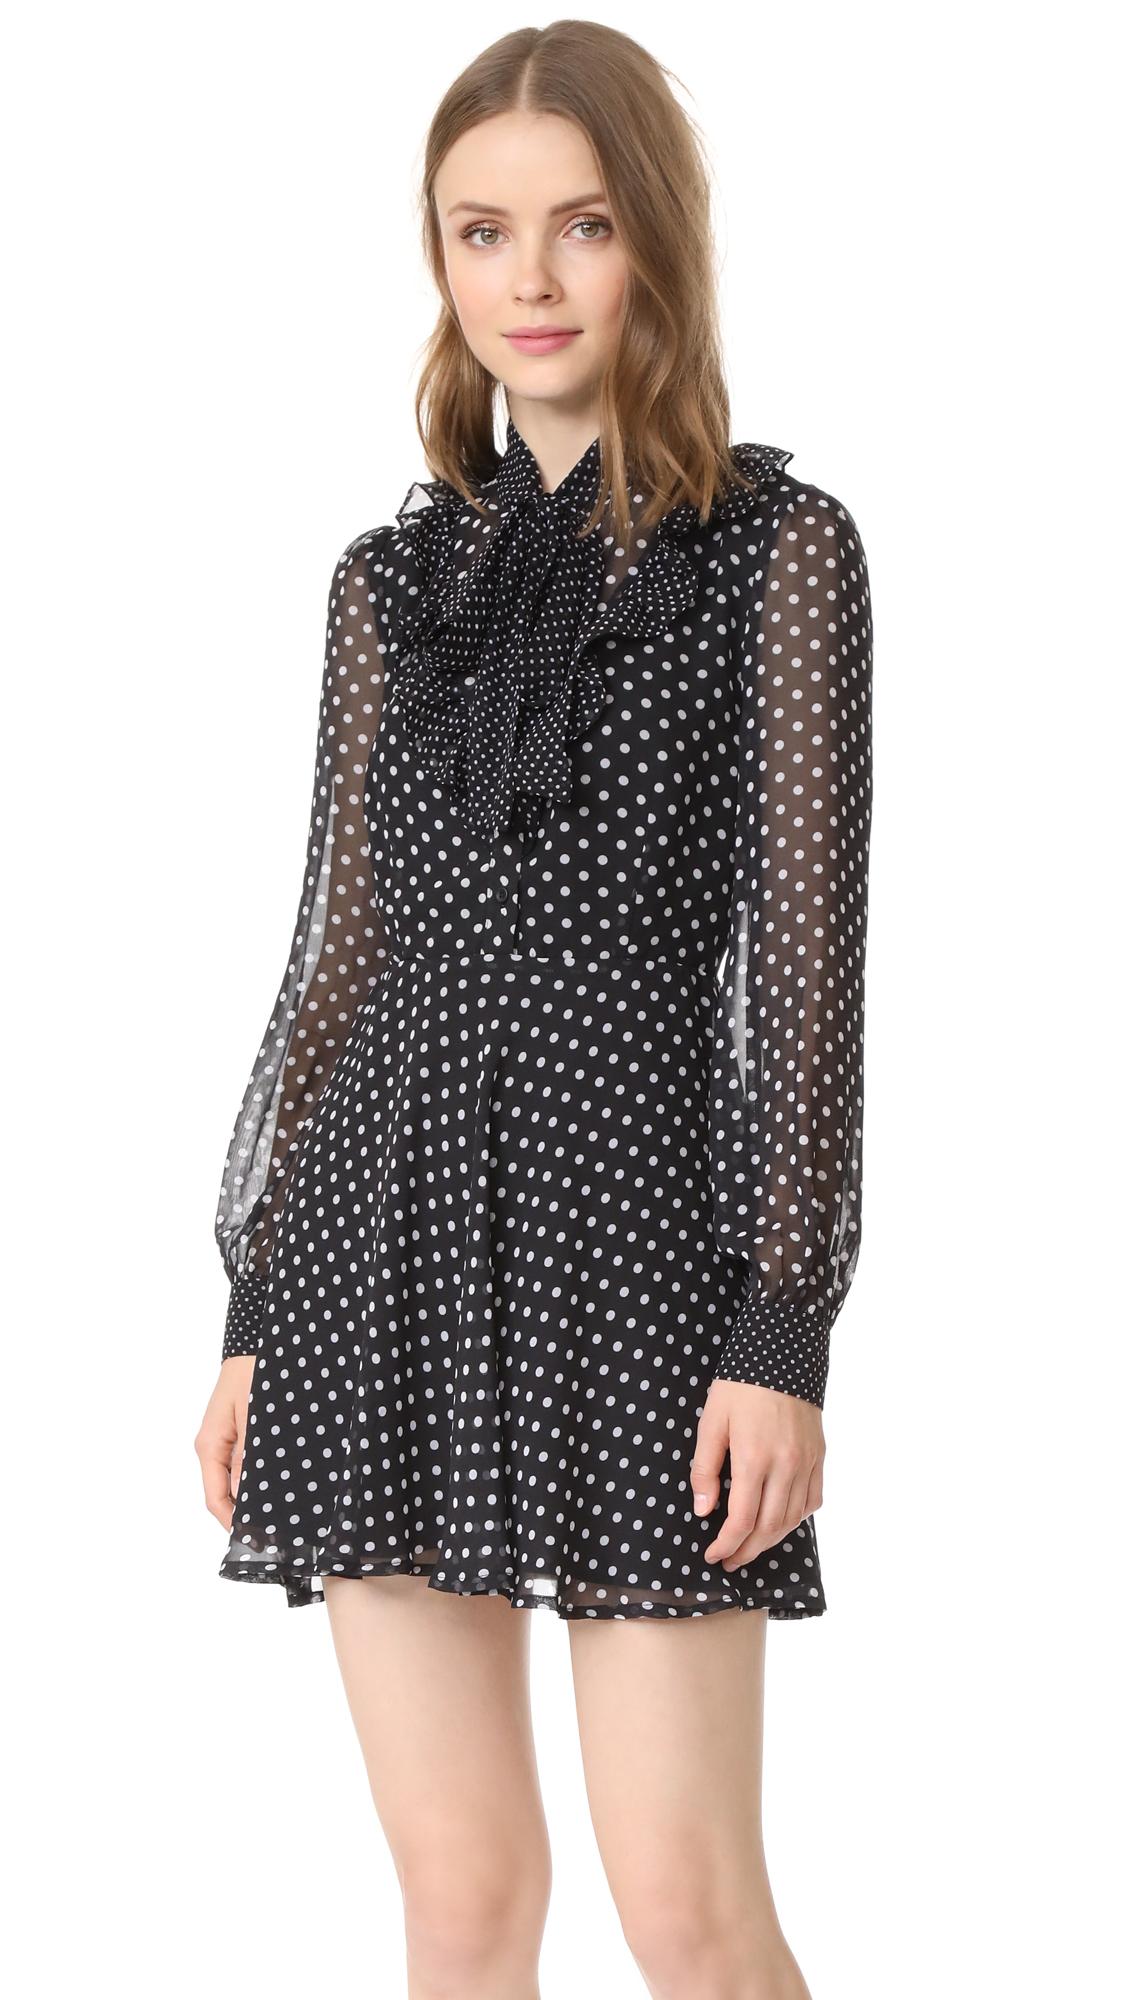 re: named Polka Dot Dress - Black/White